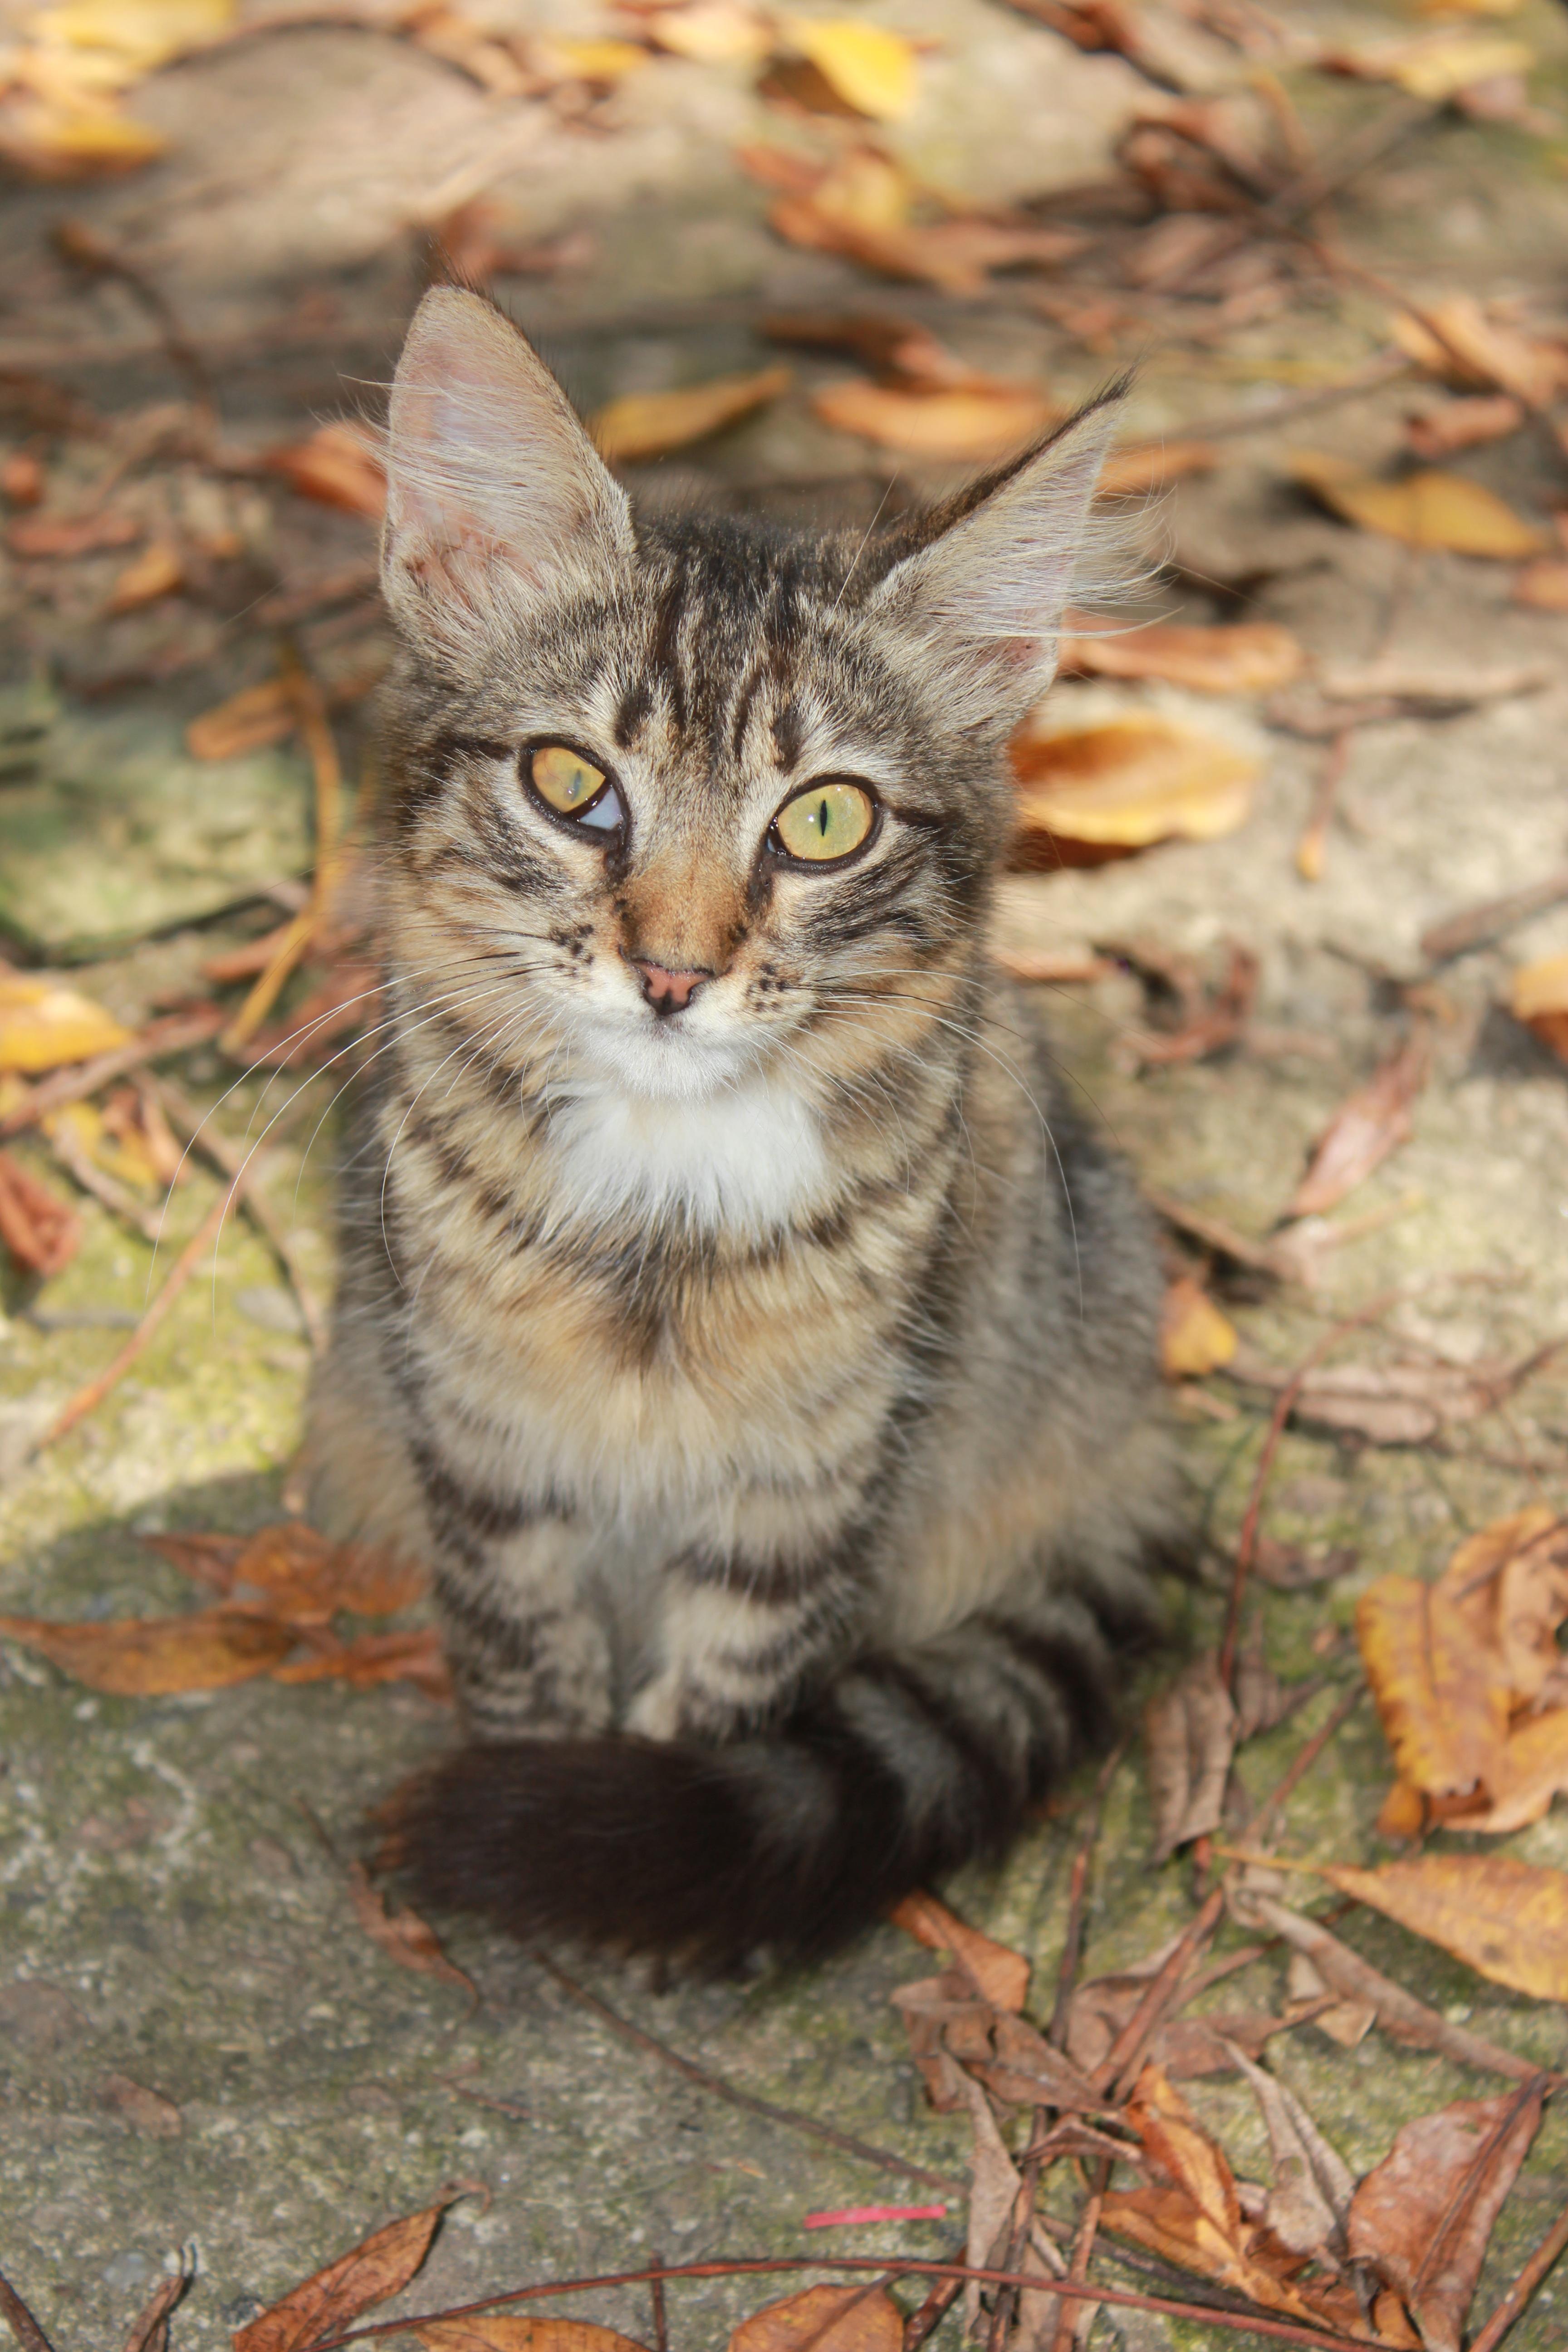 無料画像 野生動物 ペット 子猫 ネコ 裏庭 哺乳類 動物相 ウィスカー 眼 脊椎動物 病気